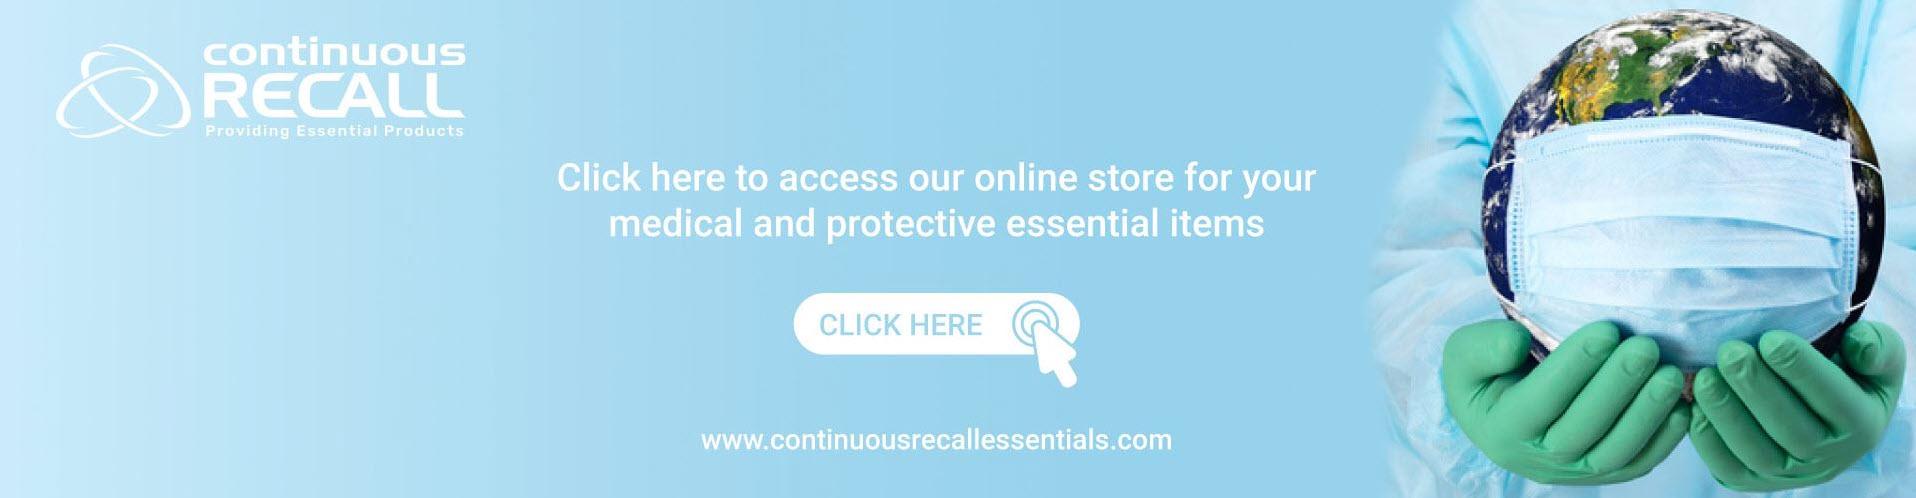 Continuous Essentials